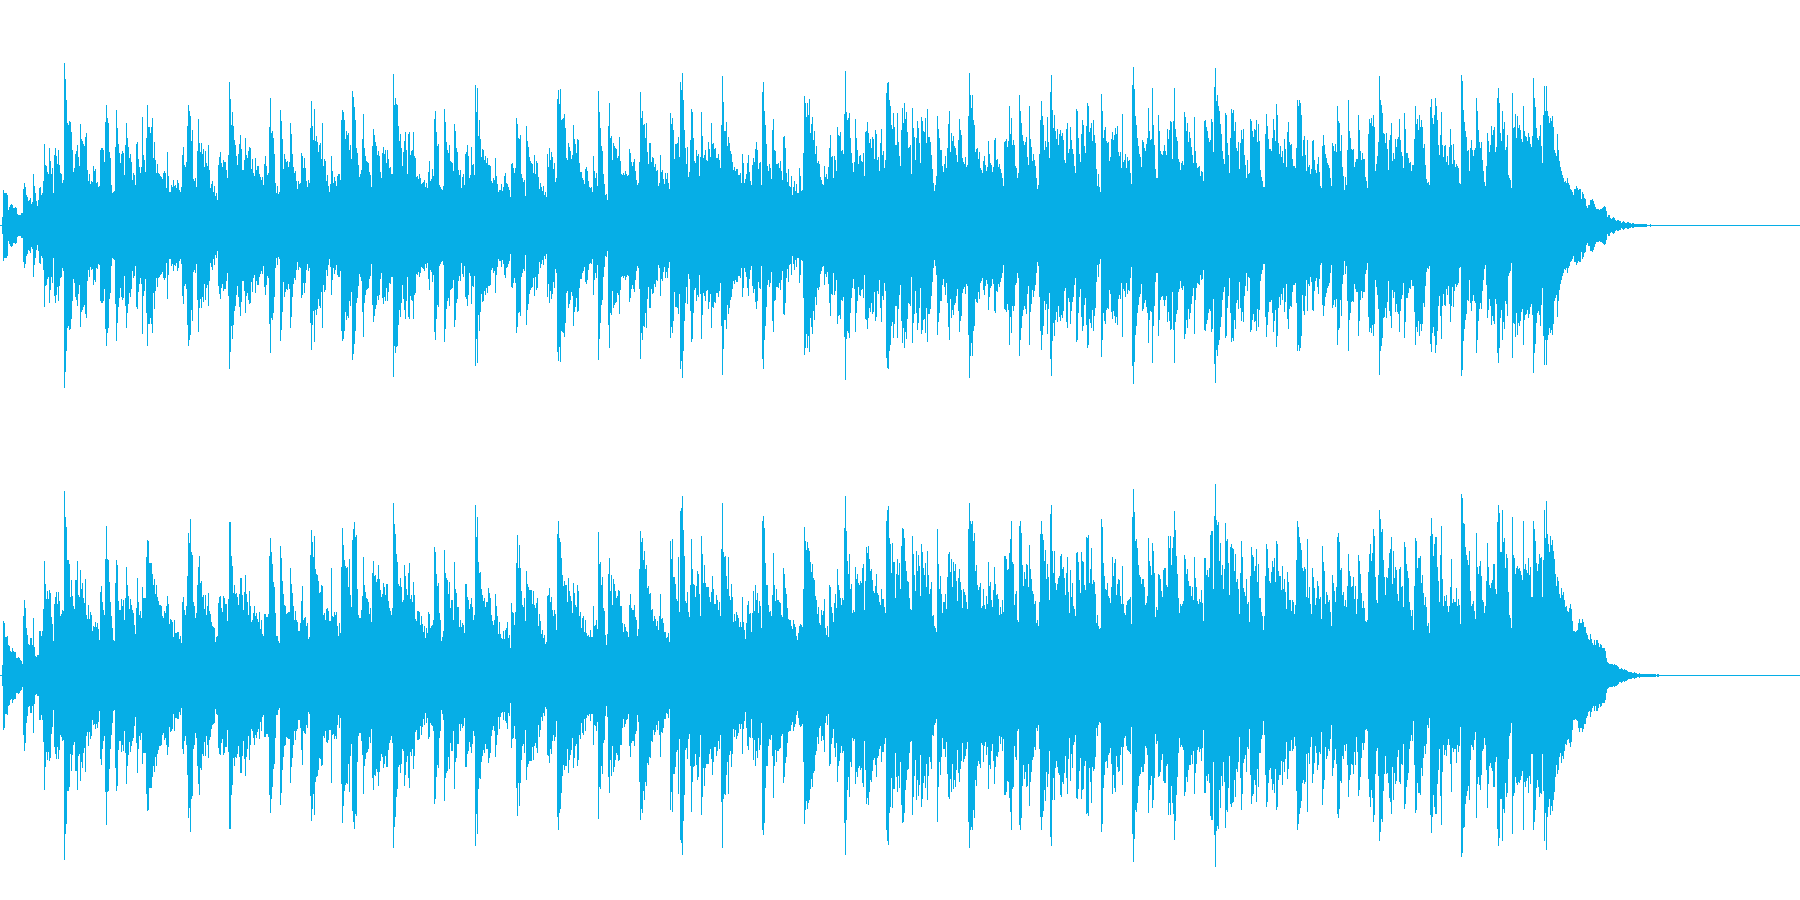 落ち着いたアンニュイミディアムポップスの再生済みの波形